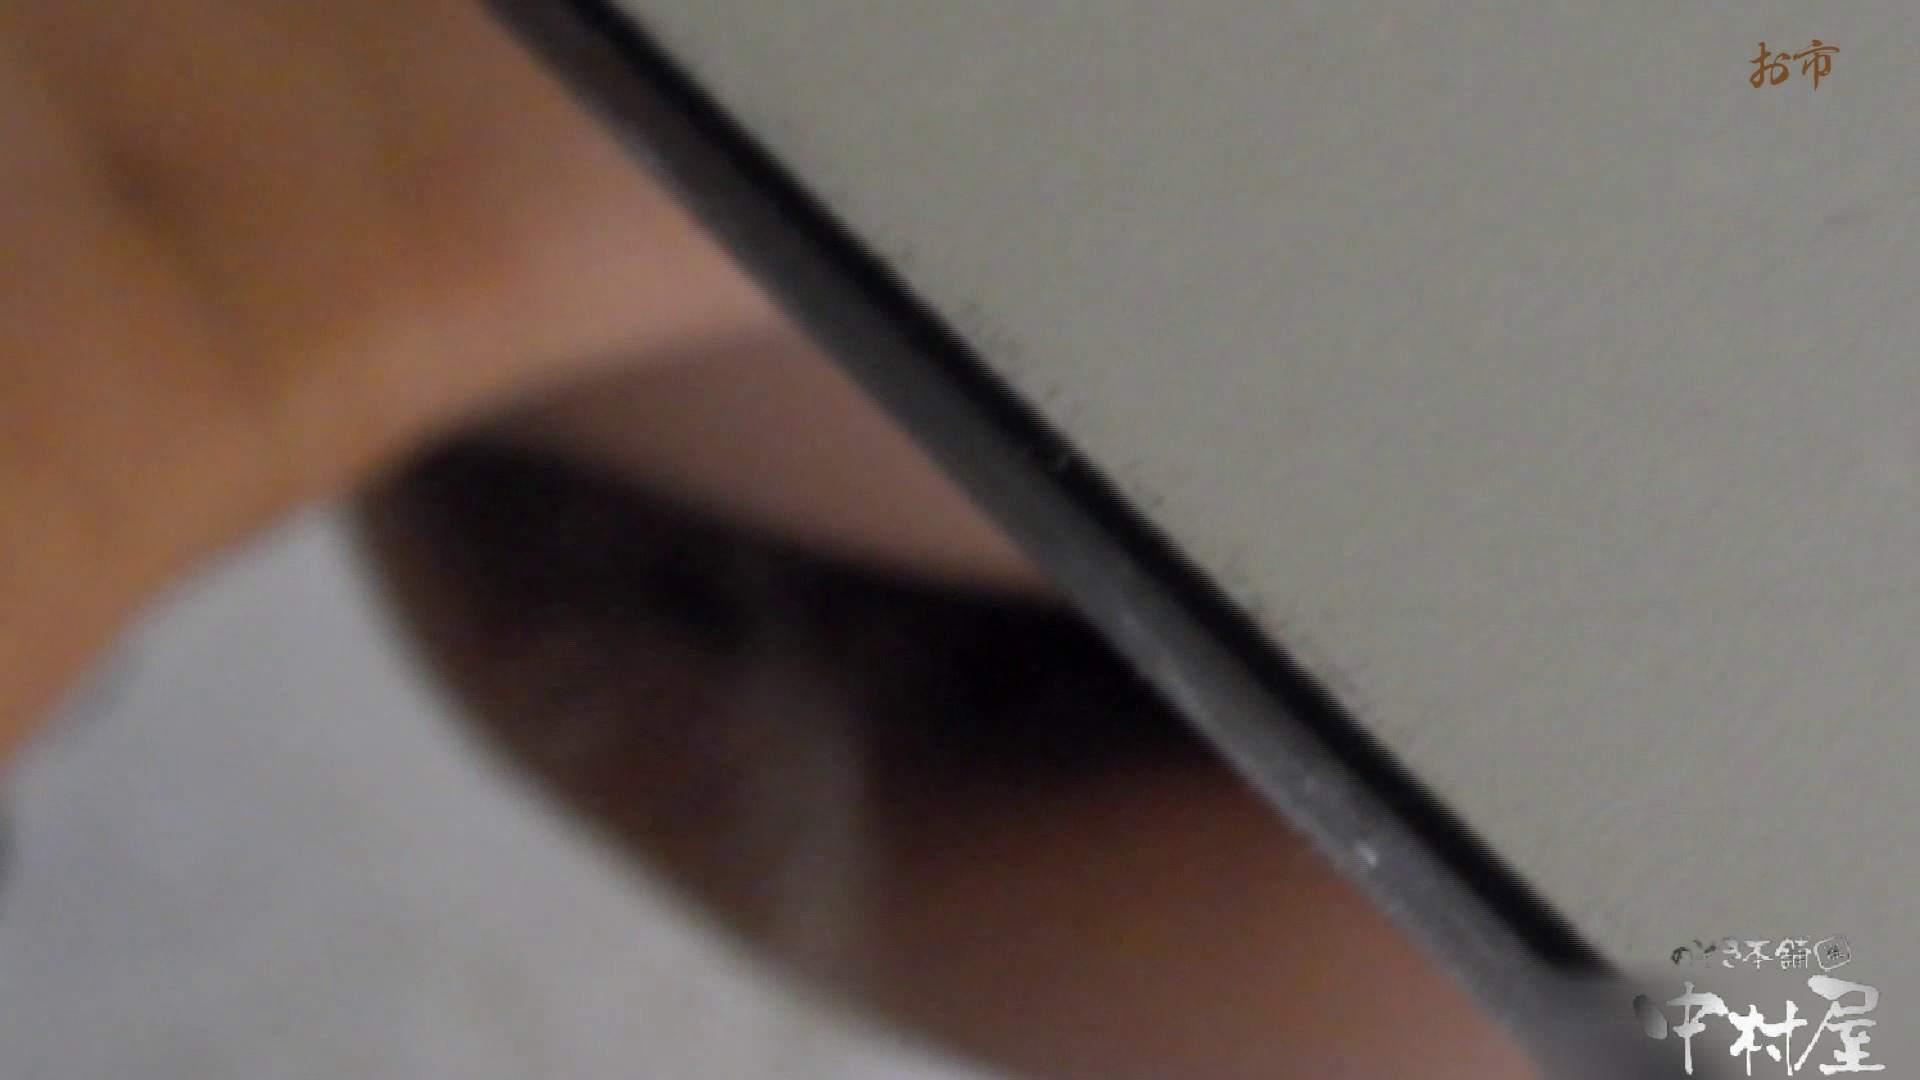 お市さんの「お尻丸出しジャンボリー」No.15 盗撮シリーズ ワレメ動画紹介 107PIX 57